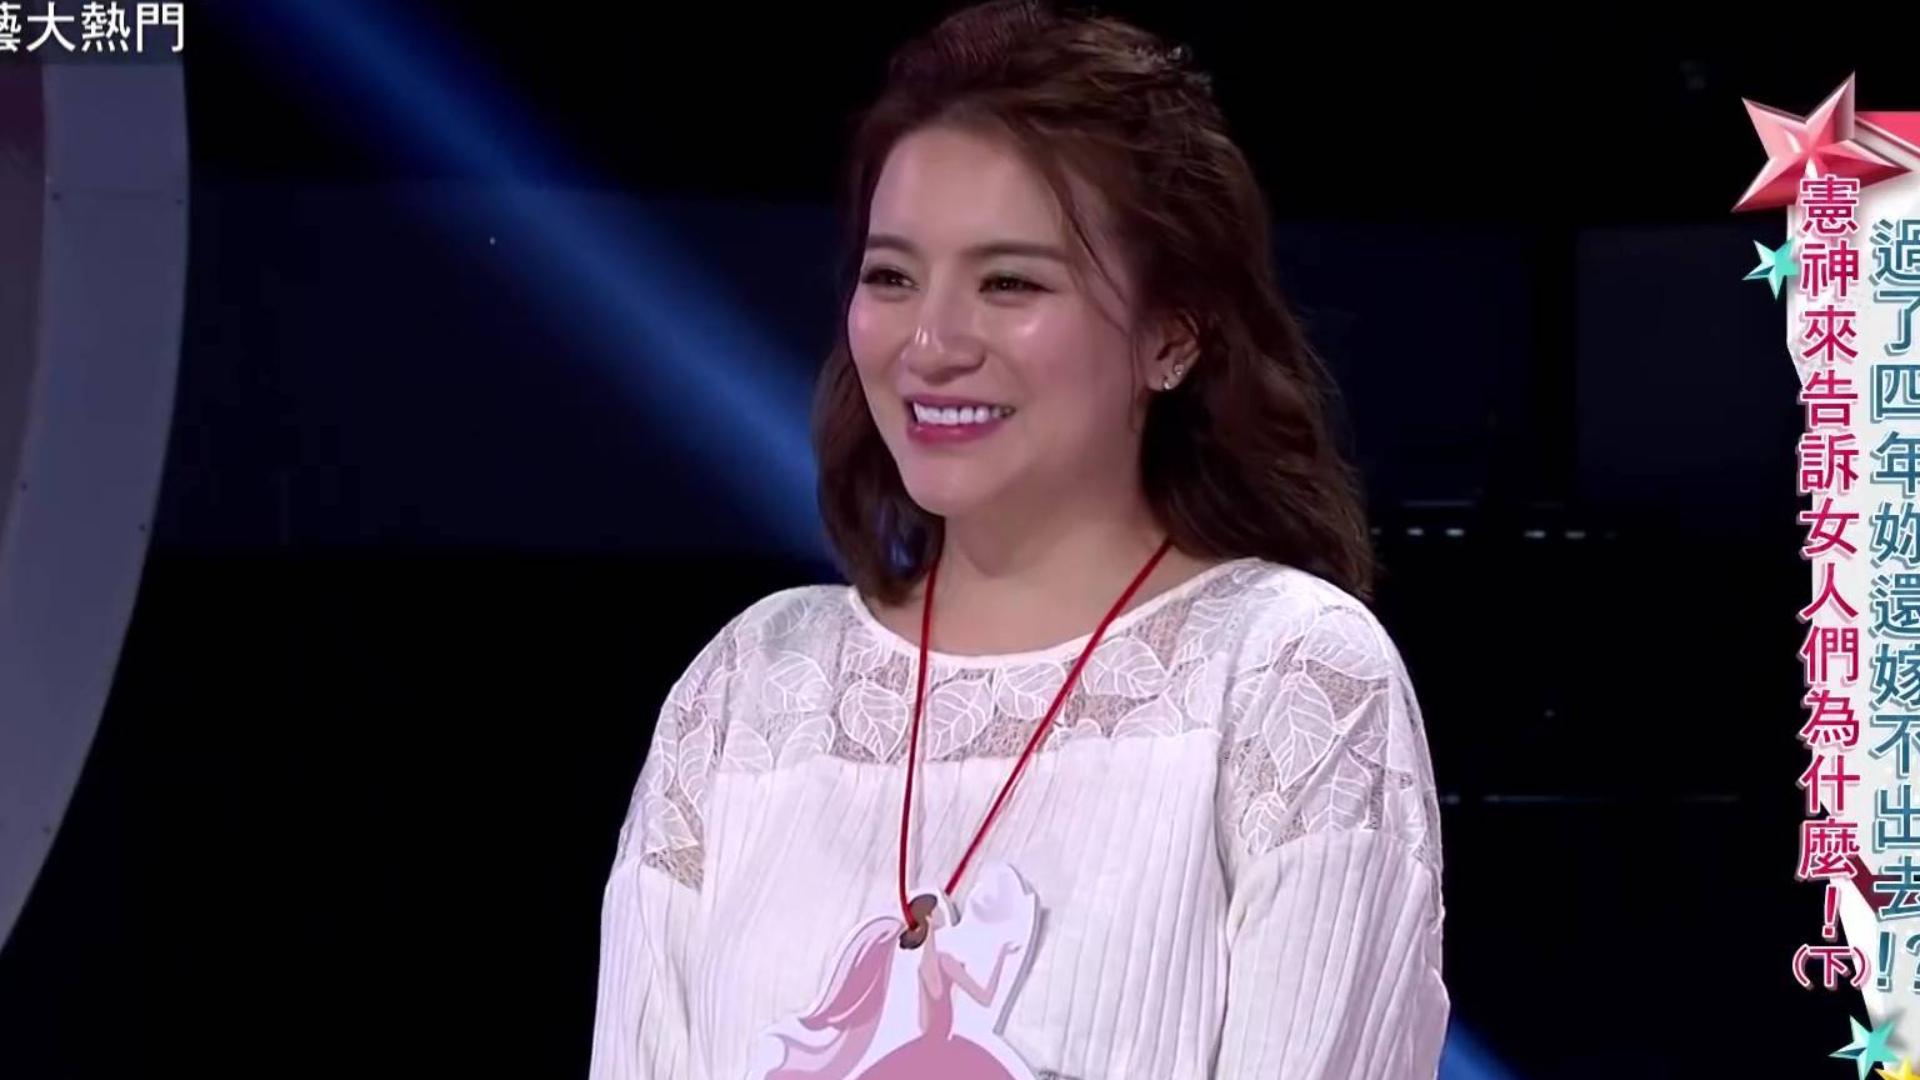 《综艺大热门》最不想娶回家的女艺人!结果公布竟然是她?